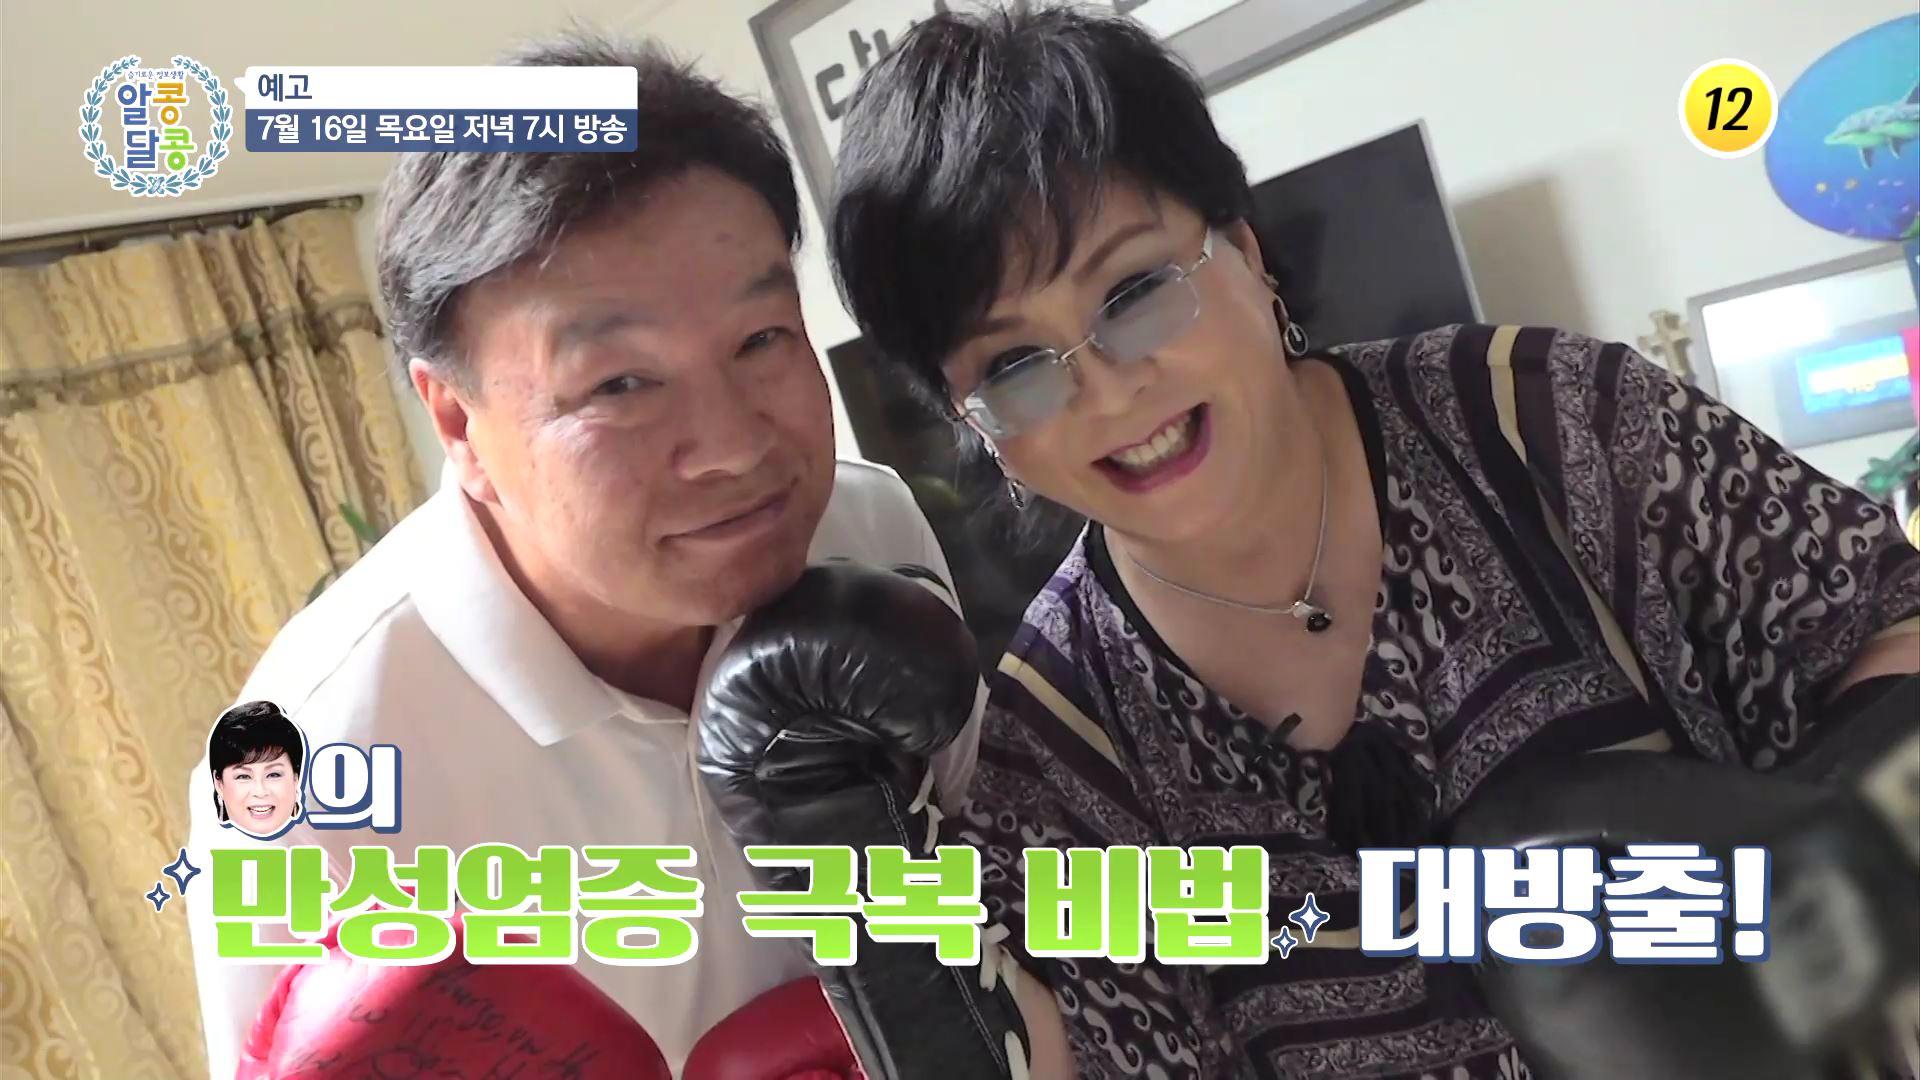 가수 옥희의 건강 비법 대방출!_알콩달콩 39회 예고 이미지